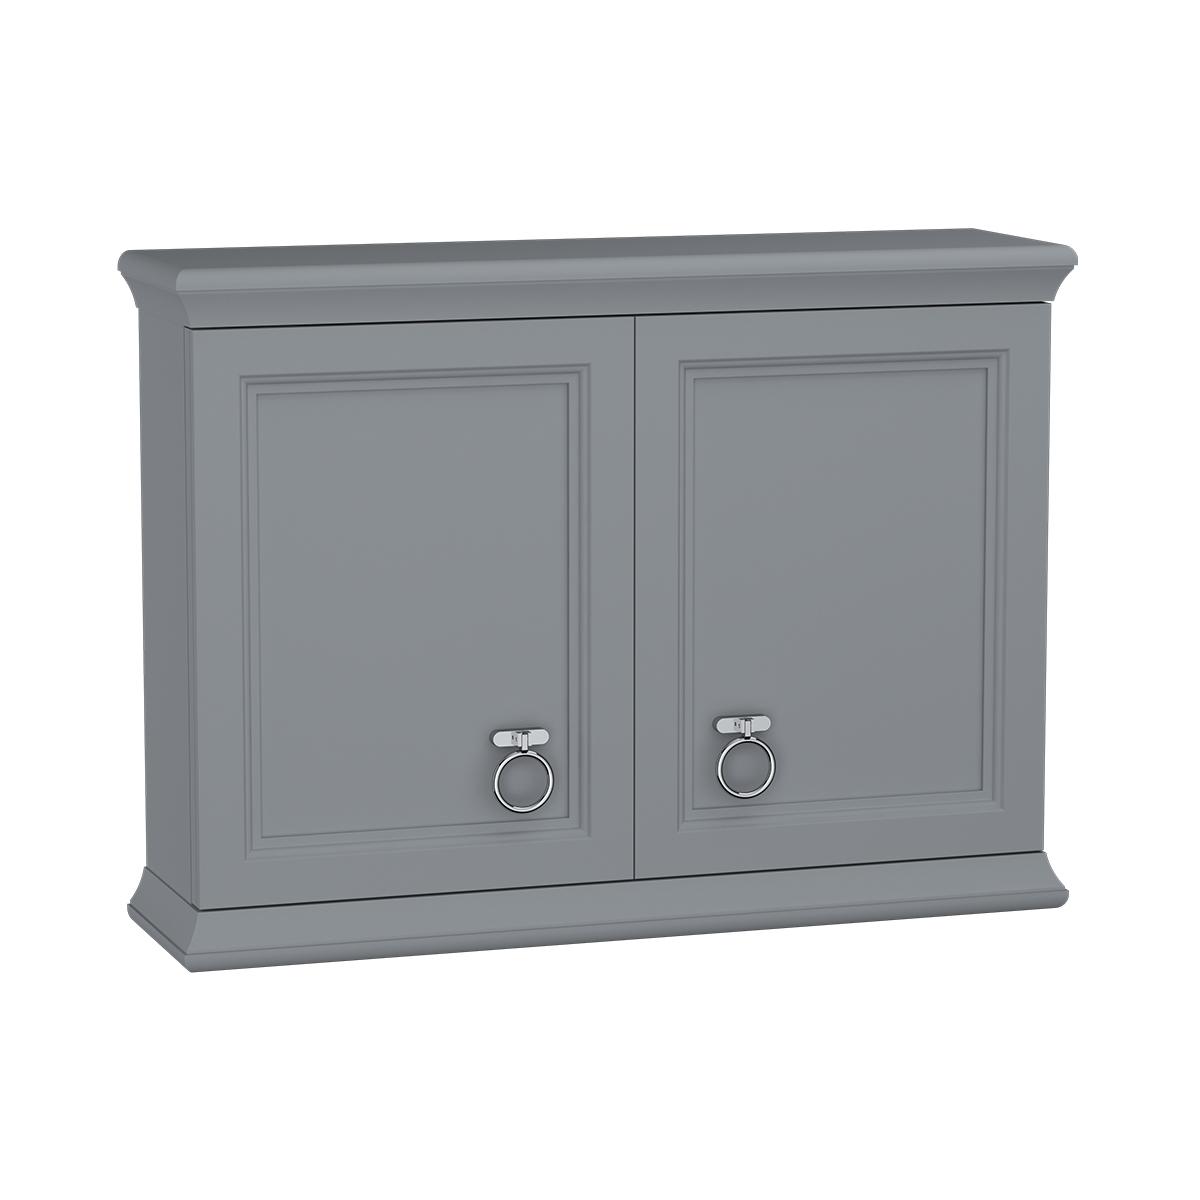 Valarte module supérieur, avec portes, 75 cm, gris mat